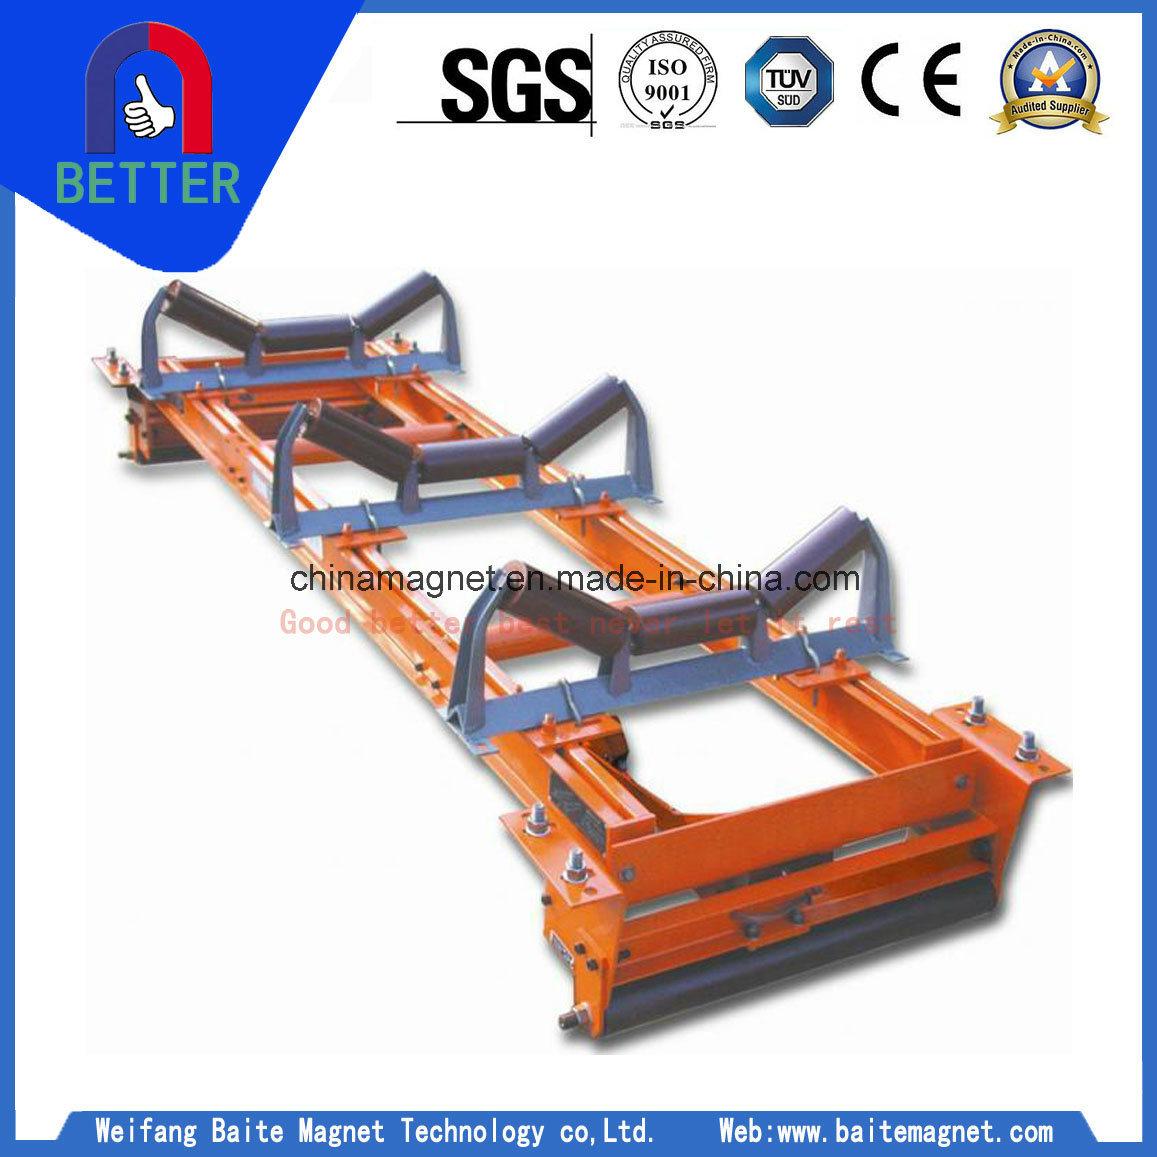 Ics Electronic Multi-Idler Roller Conveyor Belt Loader Belt Scale for Cement Plant